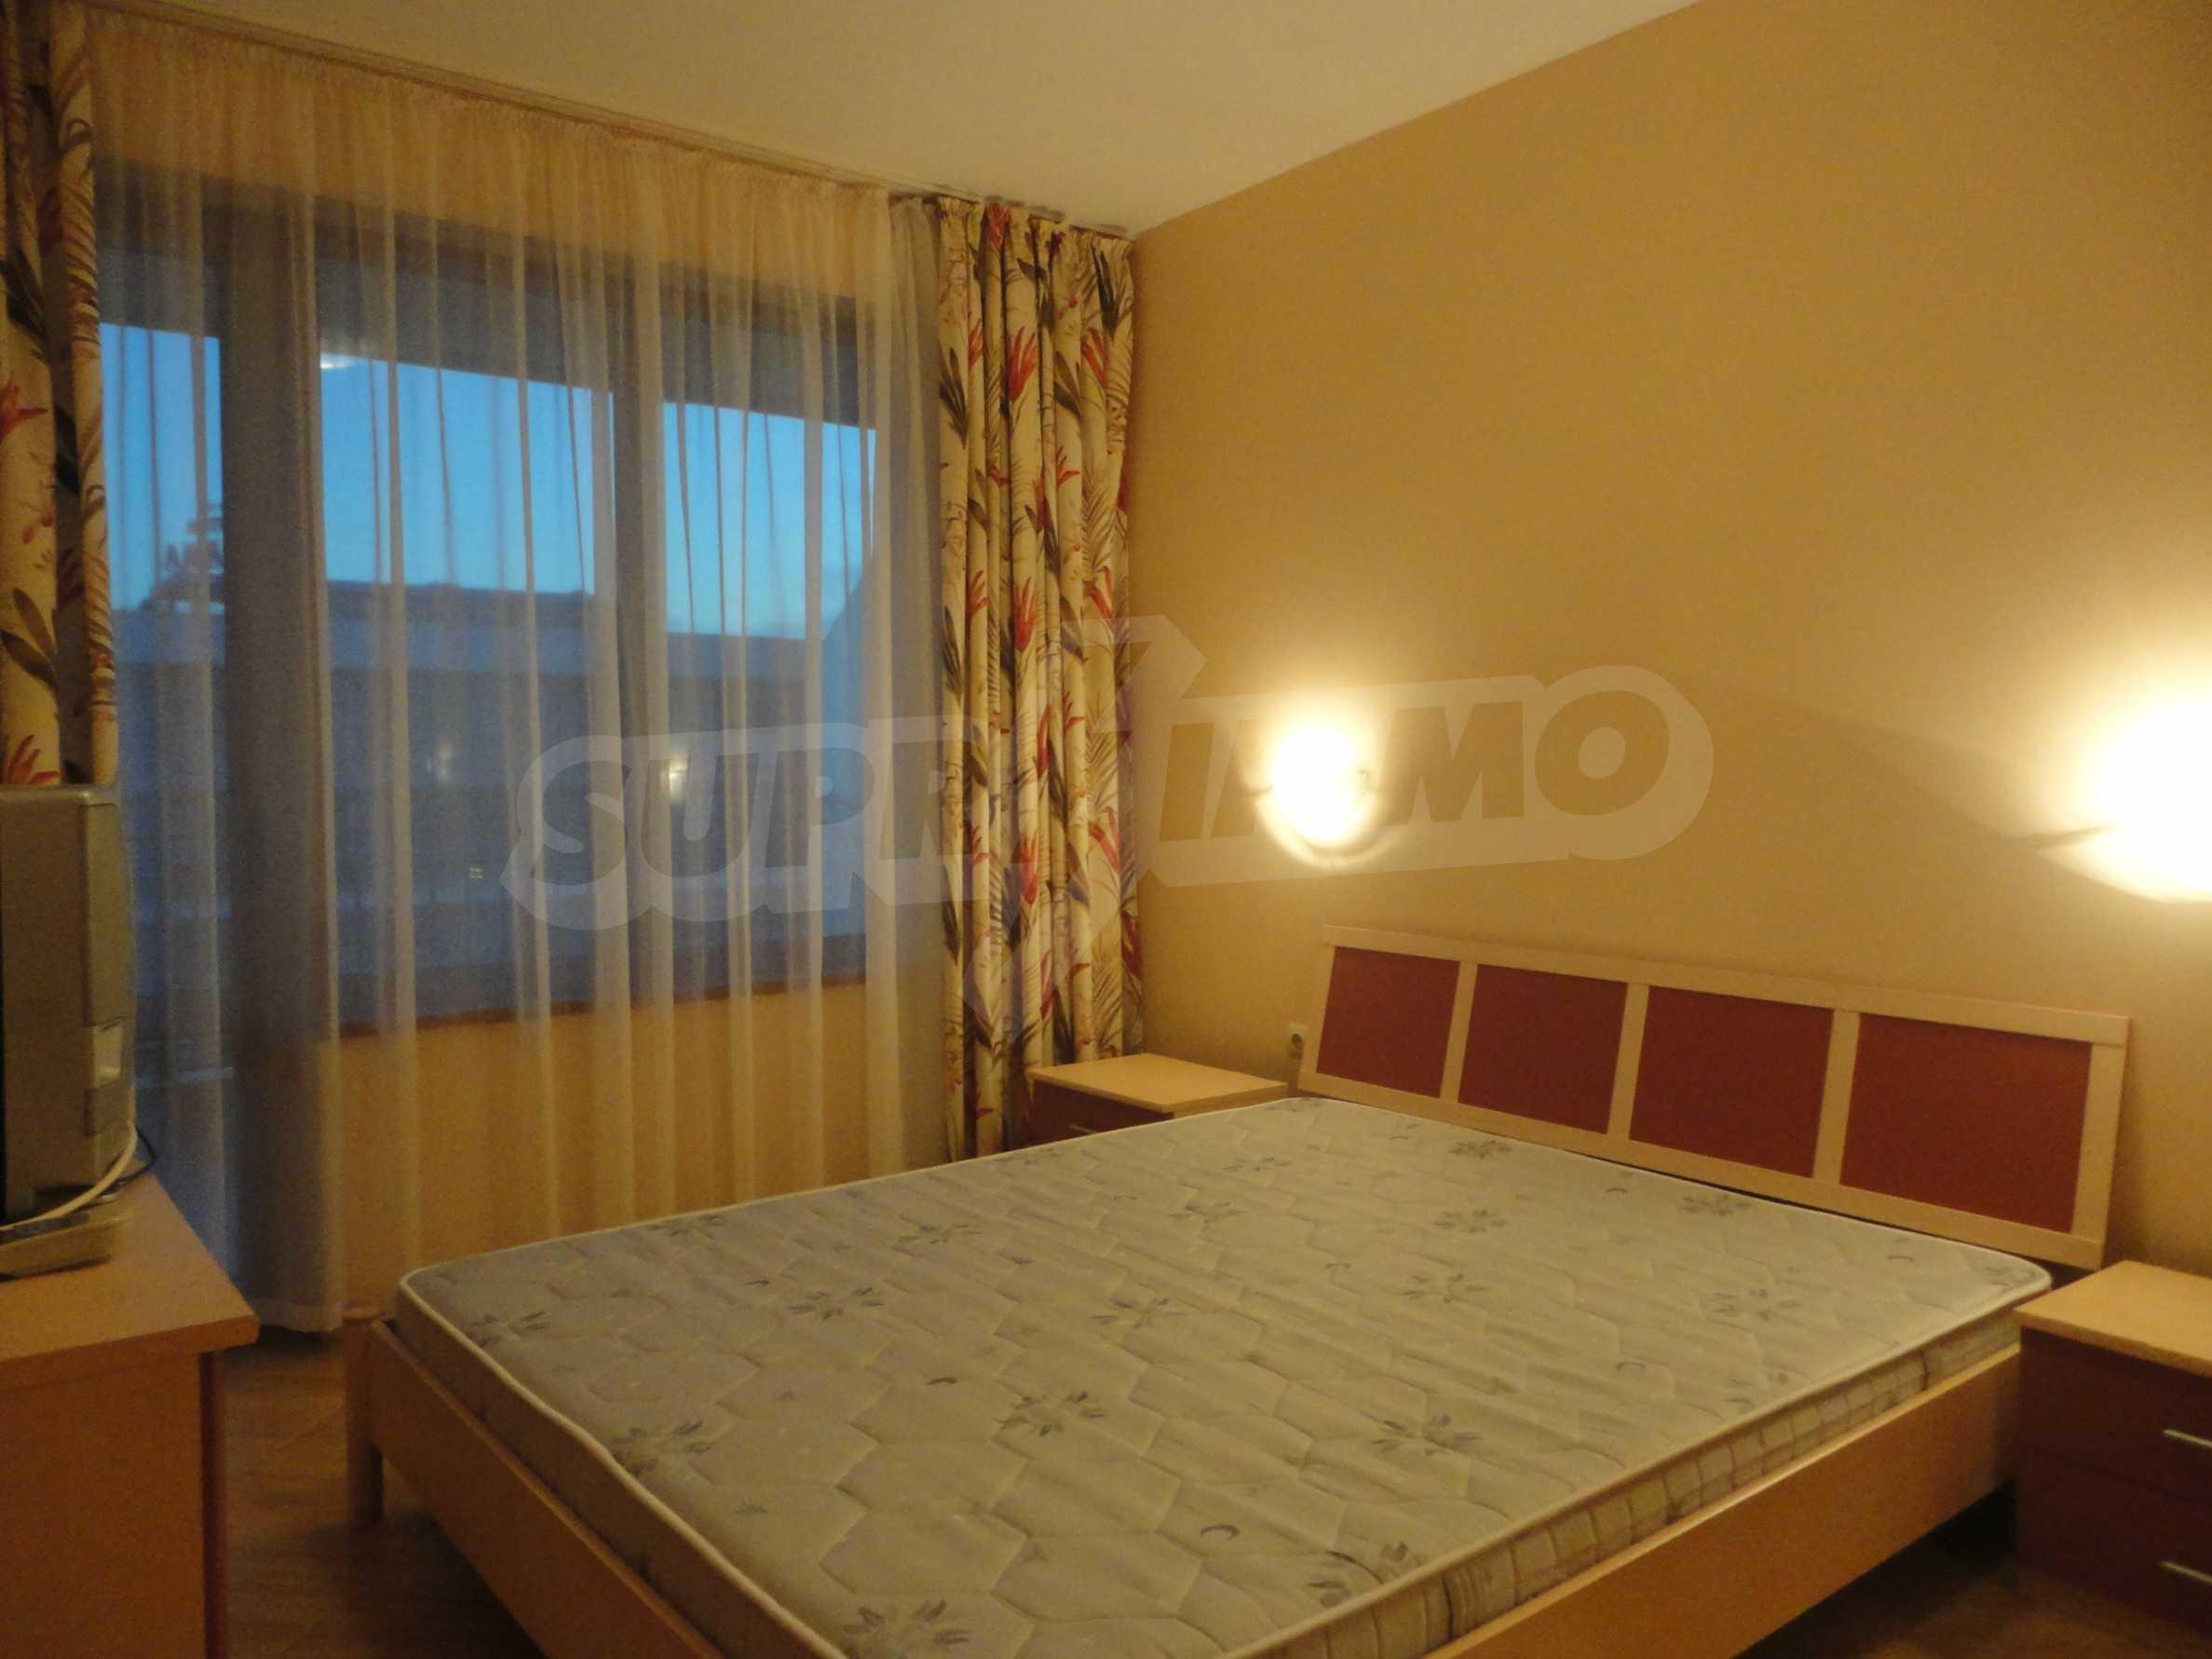 Apartment mit einem Schlafzimmer im Golden Dreams-Komplex in Sonnenstrand 6